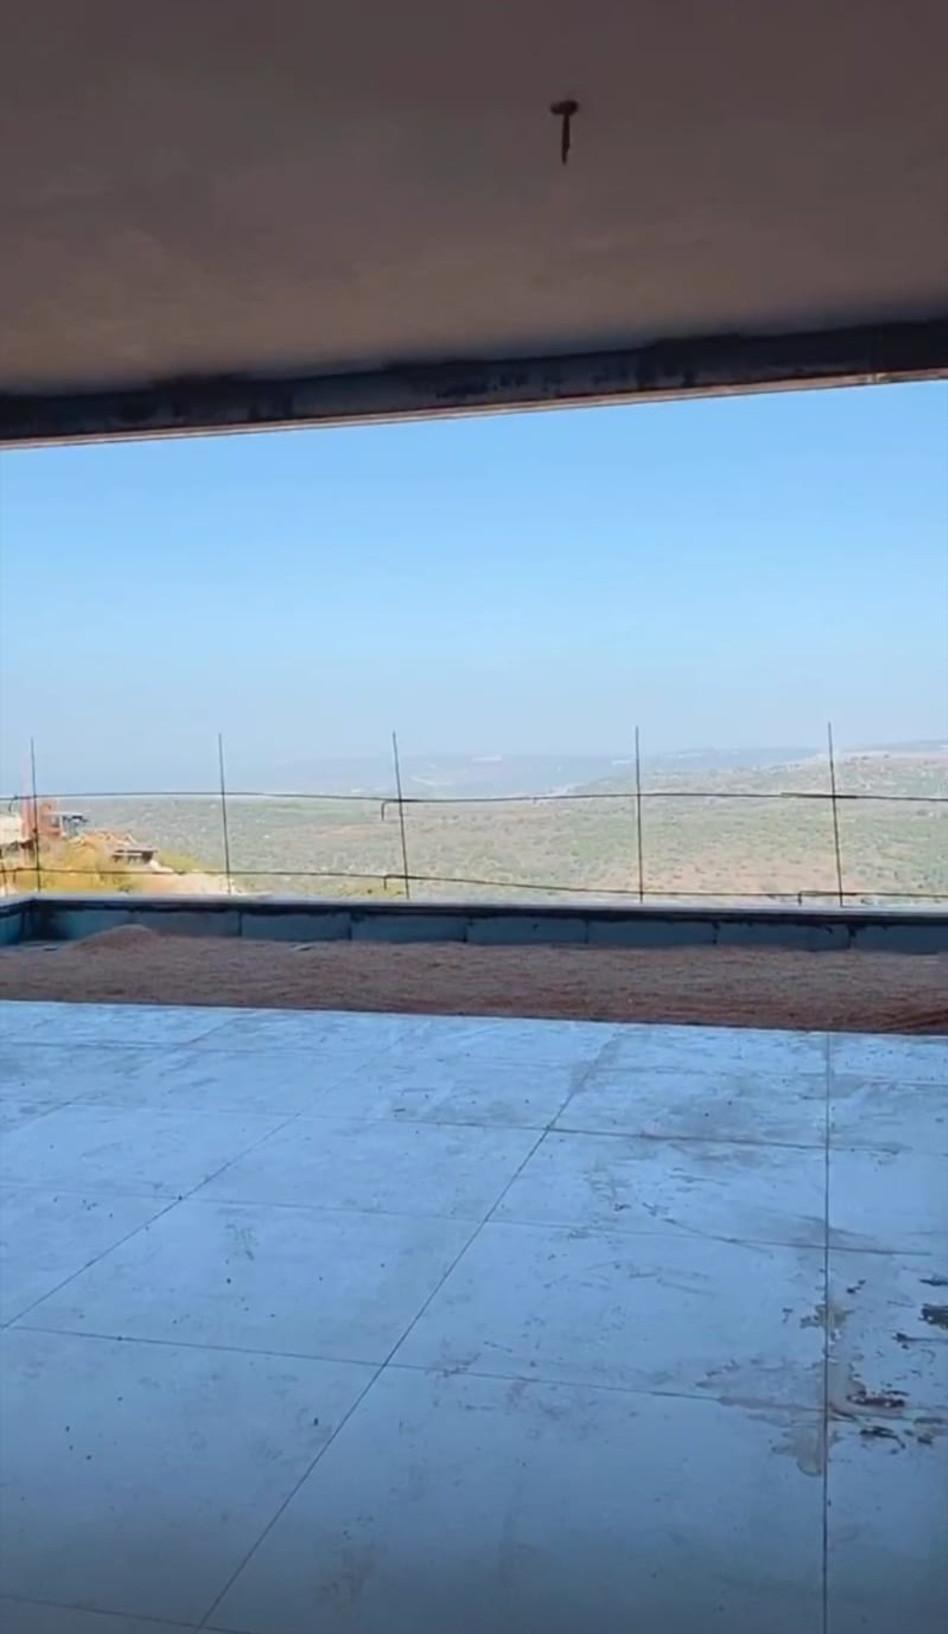 הנוף המטורף הנשקף מהבית (צילום: צילום מסך אינסטגרם)